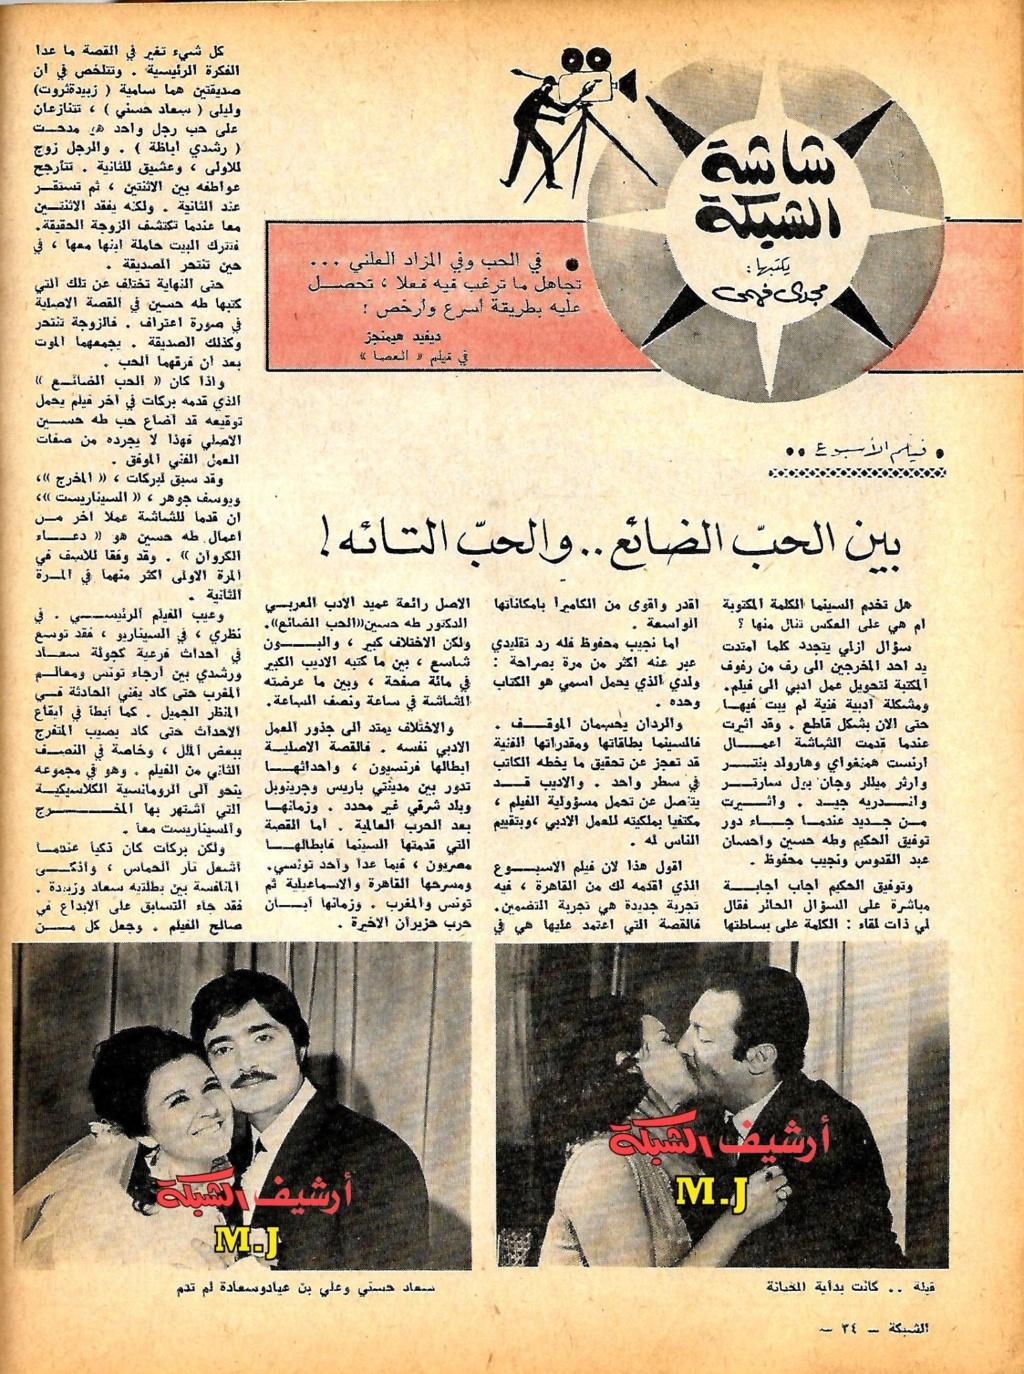 نقد صحفي : بين الحب الضائع .. والحب التائه 1970 م 113